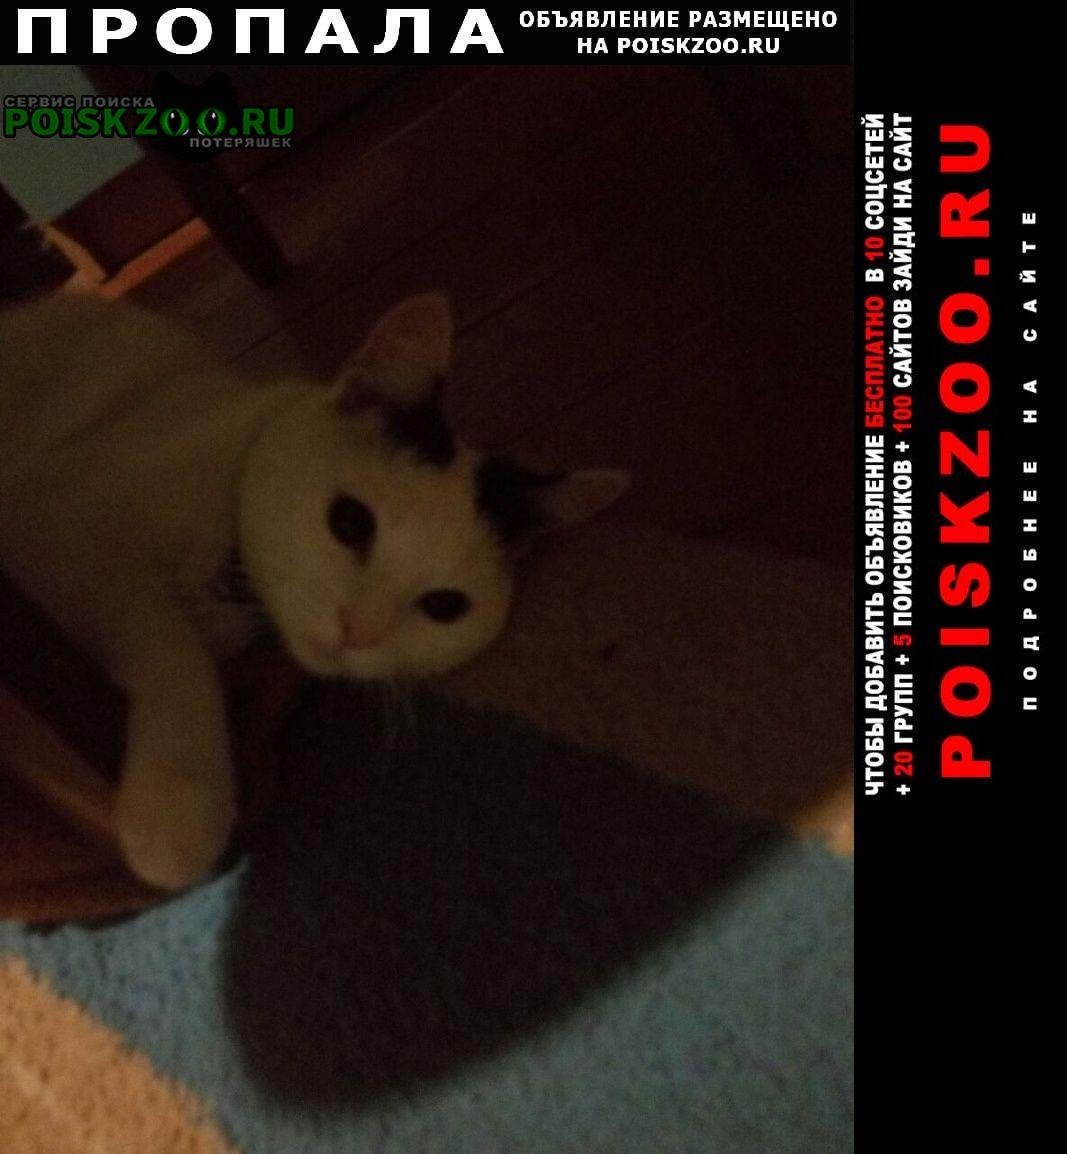 Ужгород Пропала кошка по кличке муся